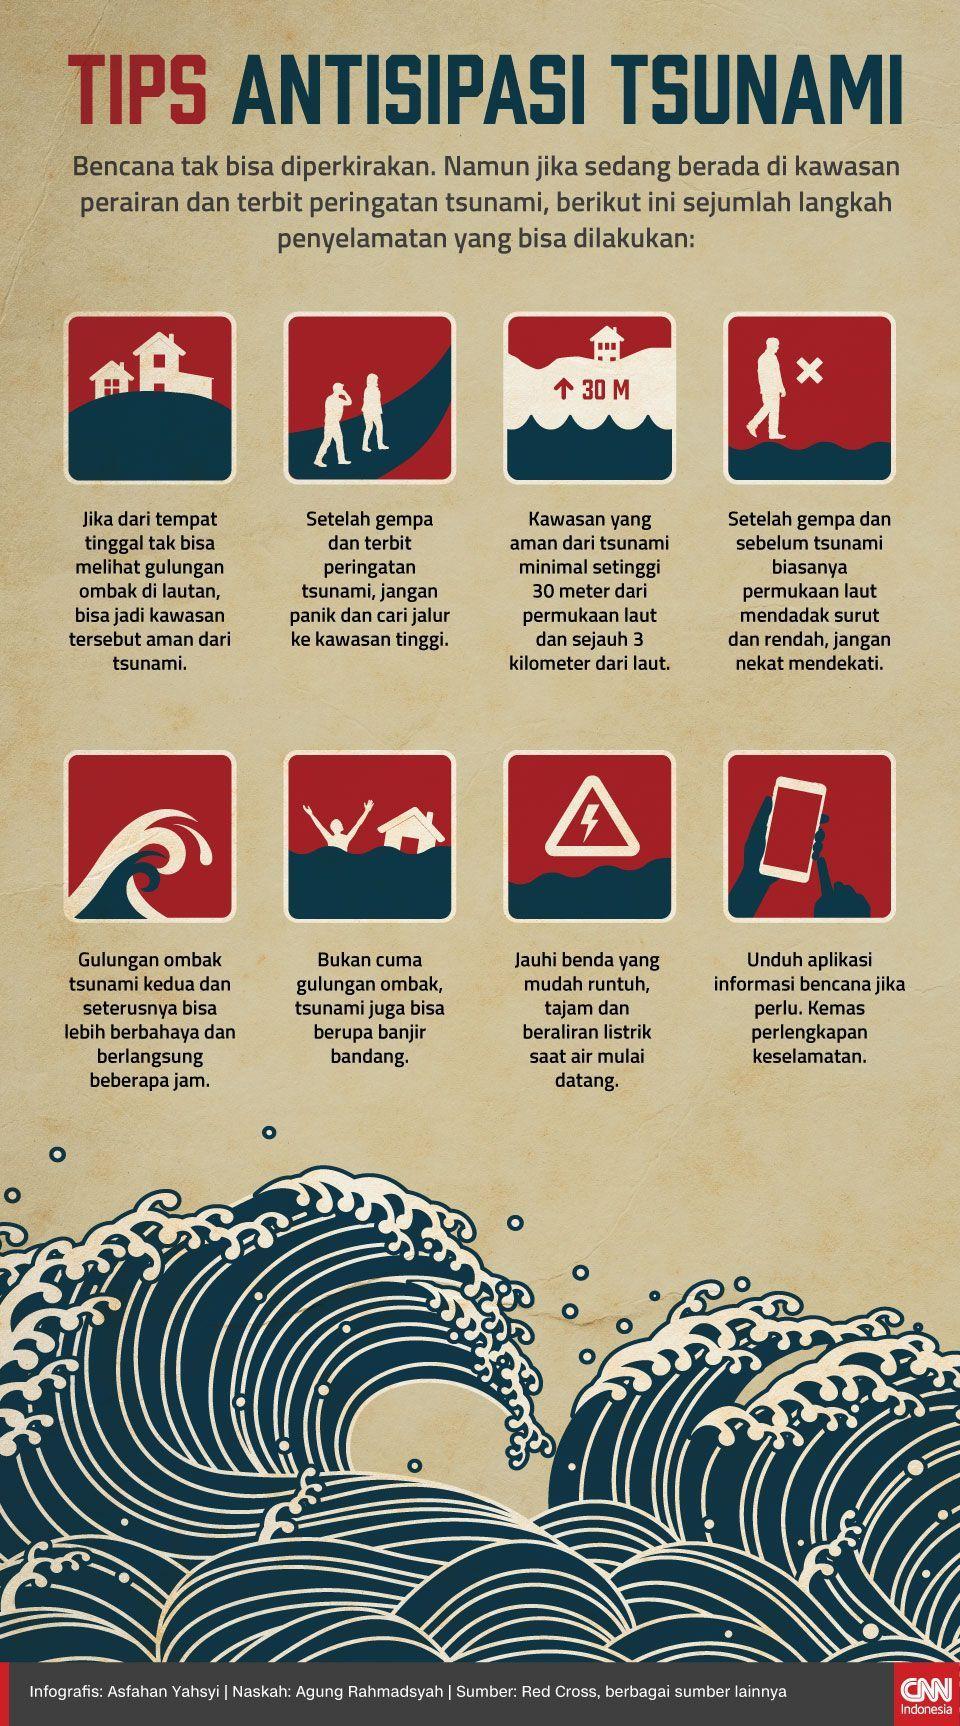 Infografis Tips Antisipasi Tsunami